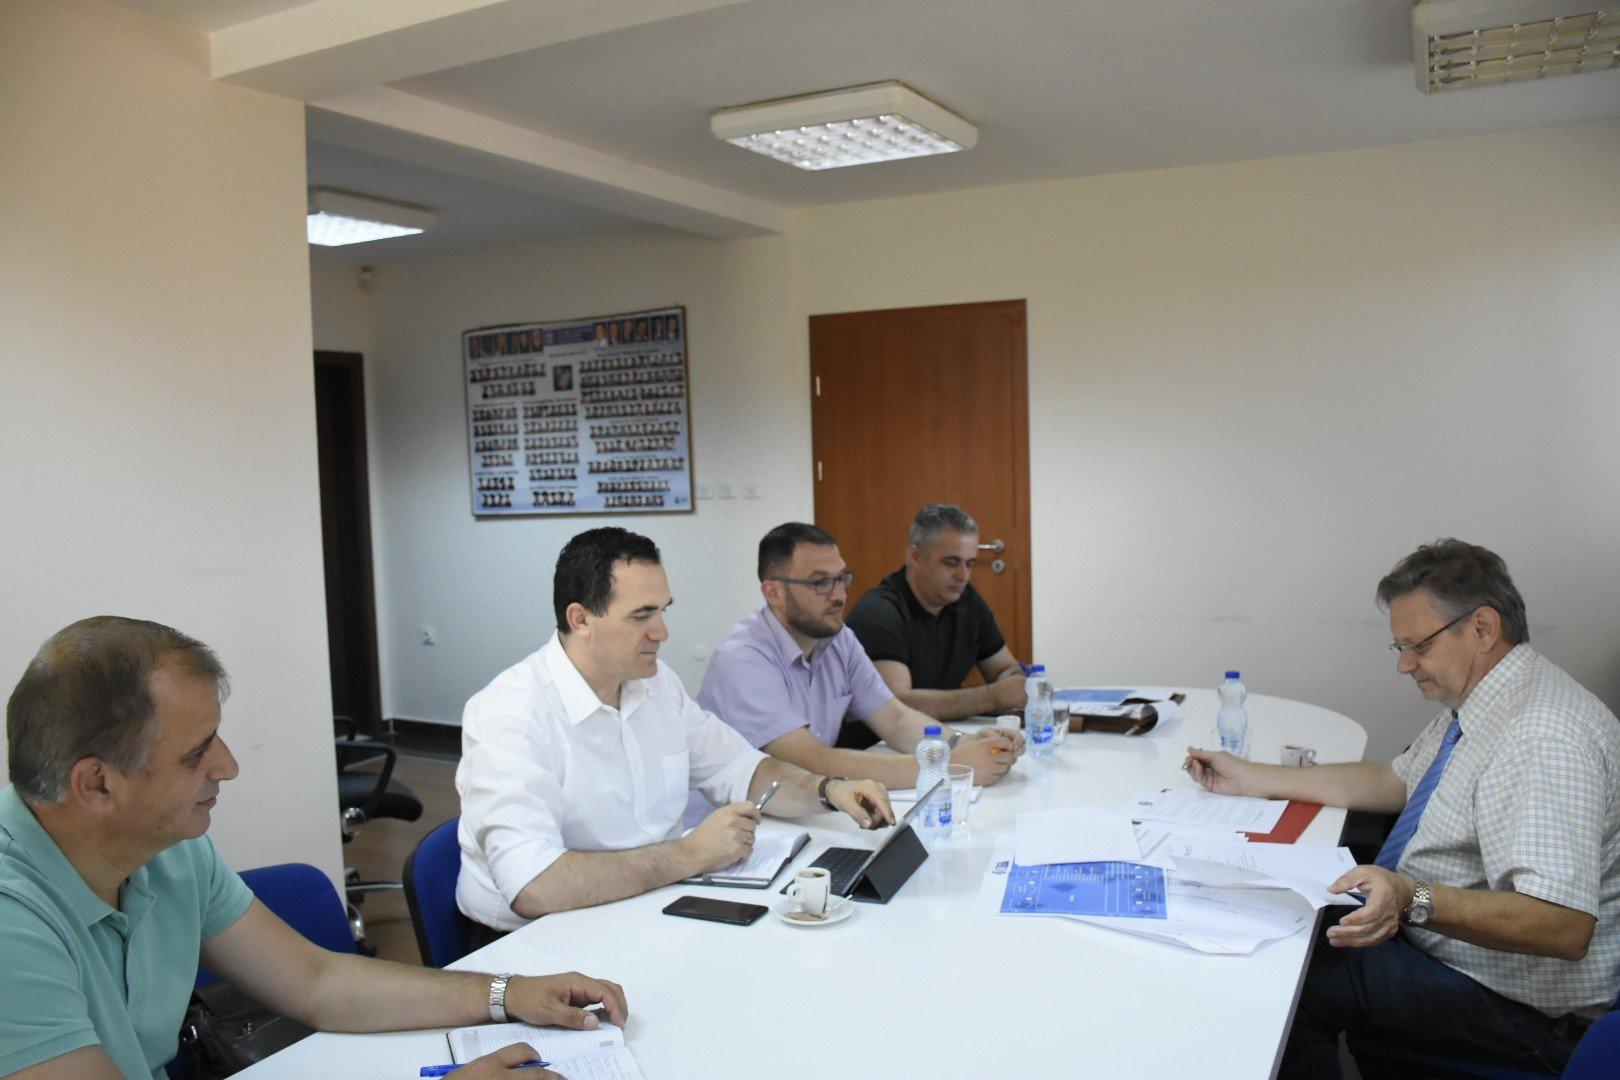 UBT, përsëri i pari në Kosovë për cilësi